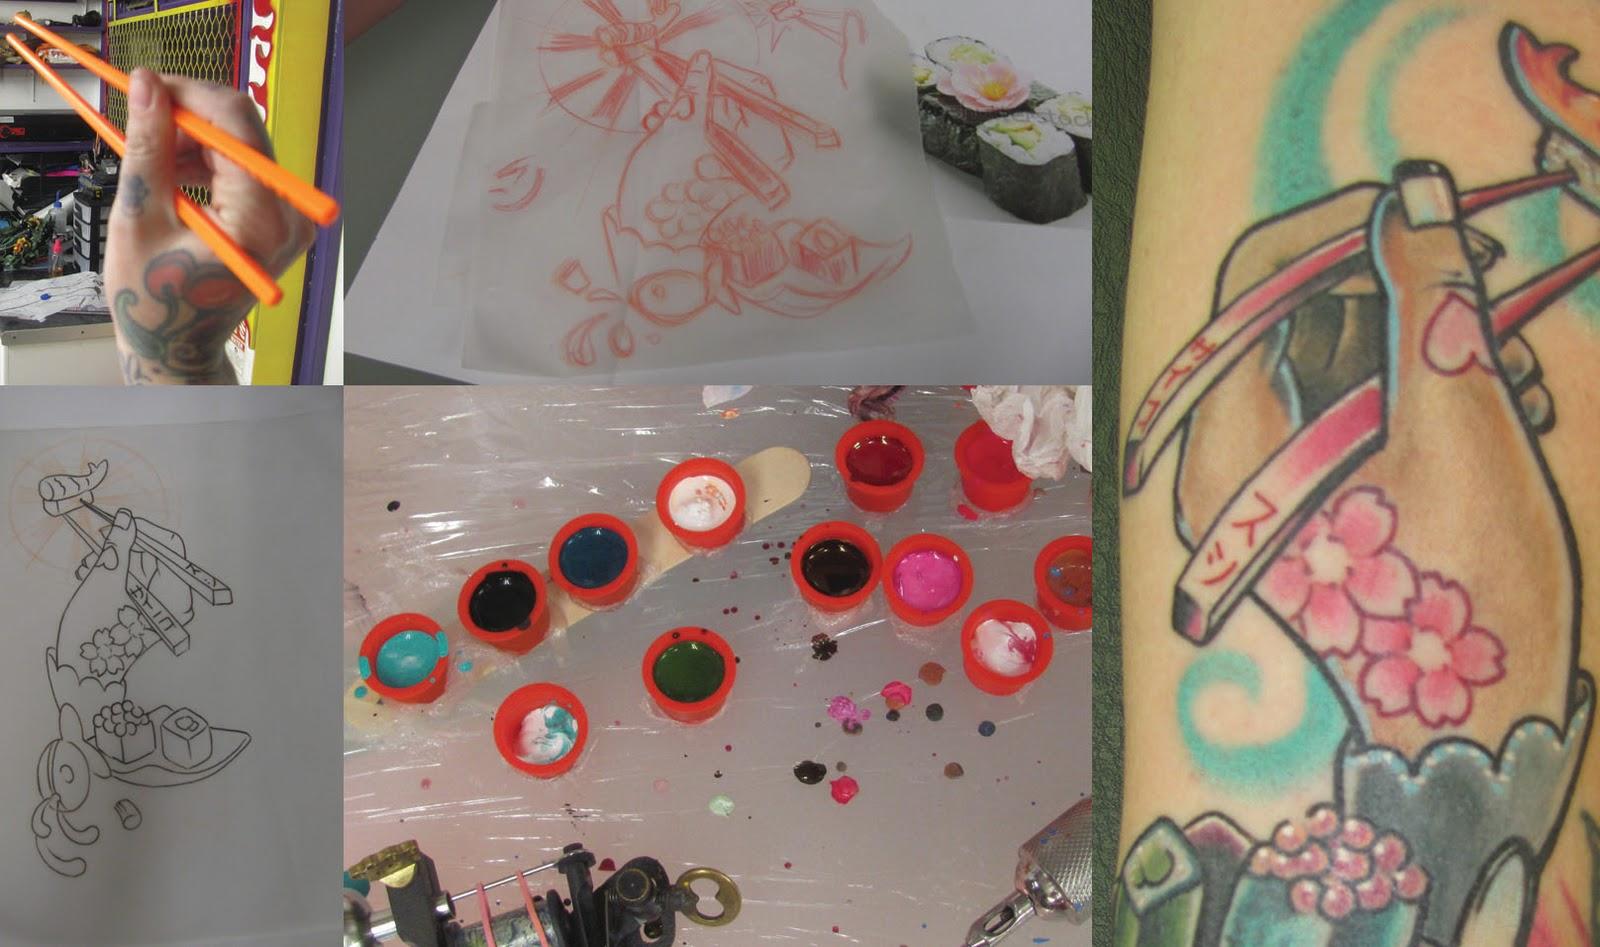 http://4.bp.blogspot.com/--UhKN4qCQ8Y/Tu9Q2Lp3p8I/AAAAAAAAECY/0kGRmHa9SRc/s1600/sushi+prog..jpg